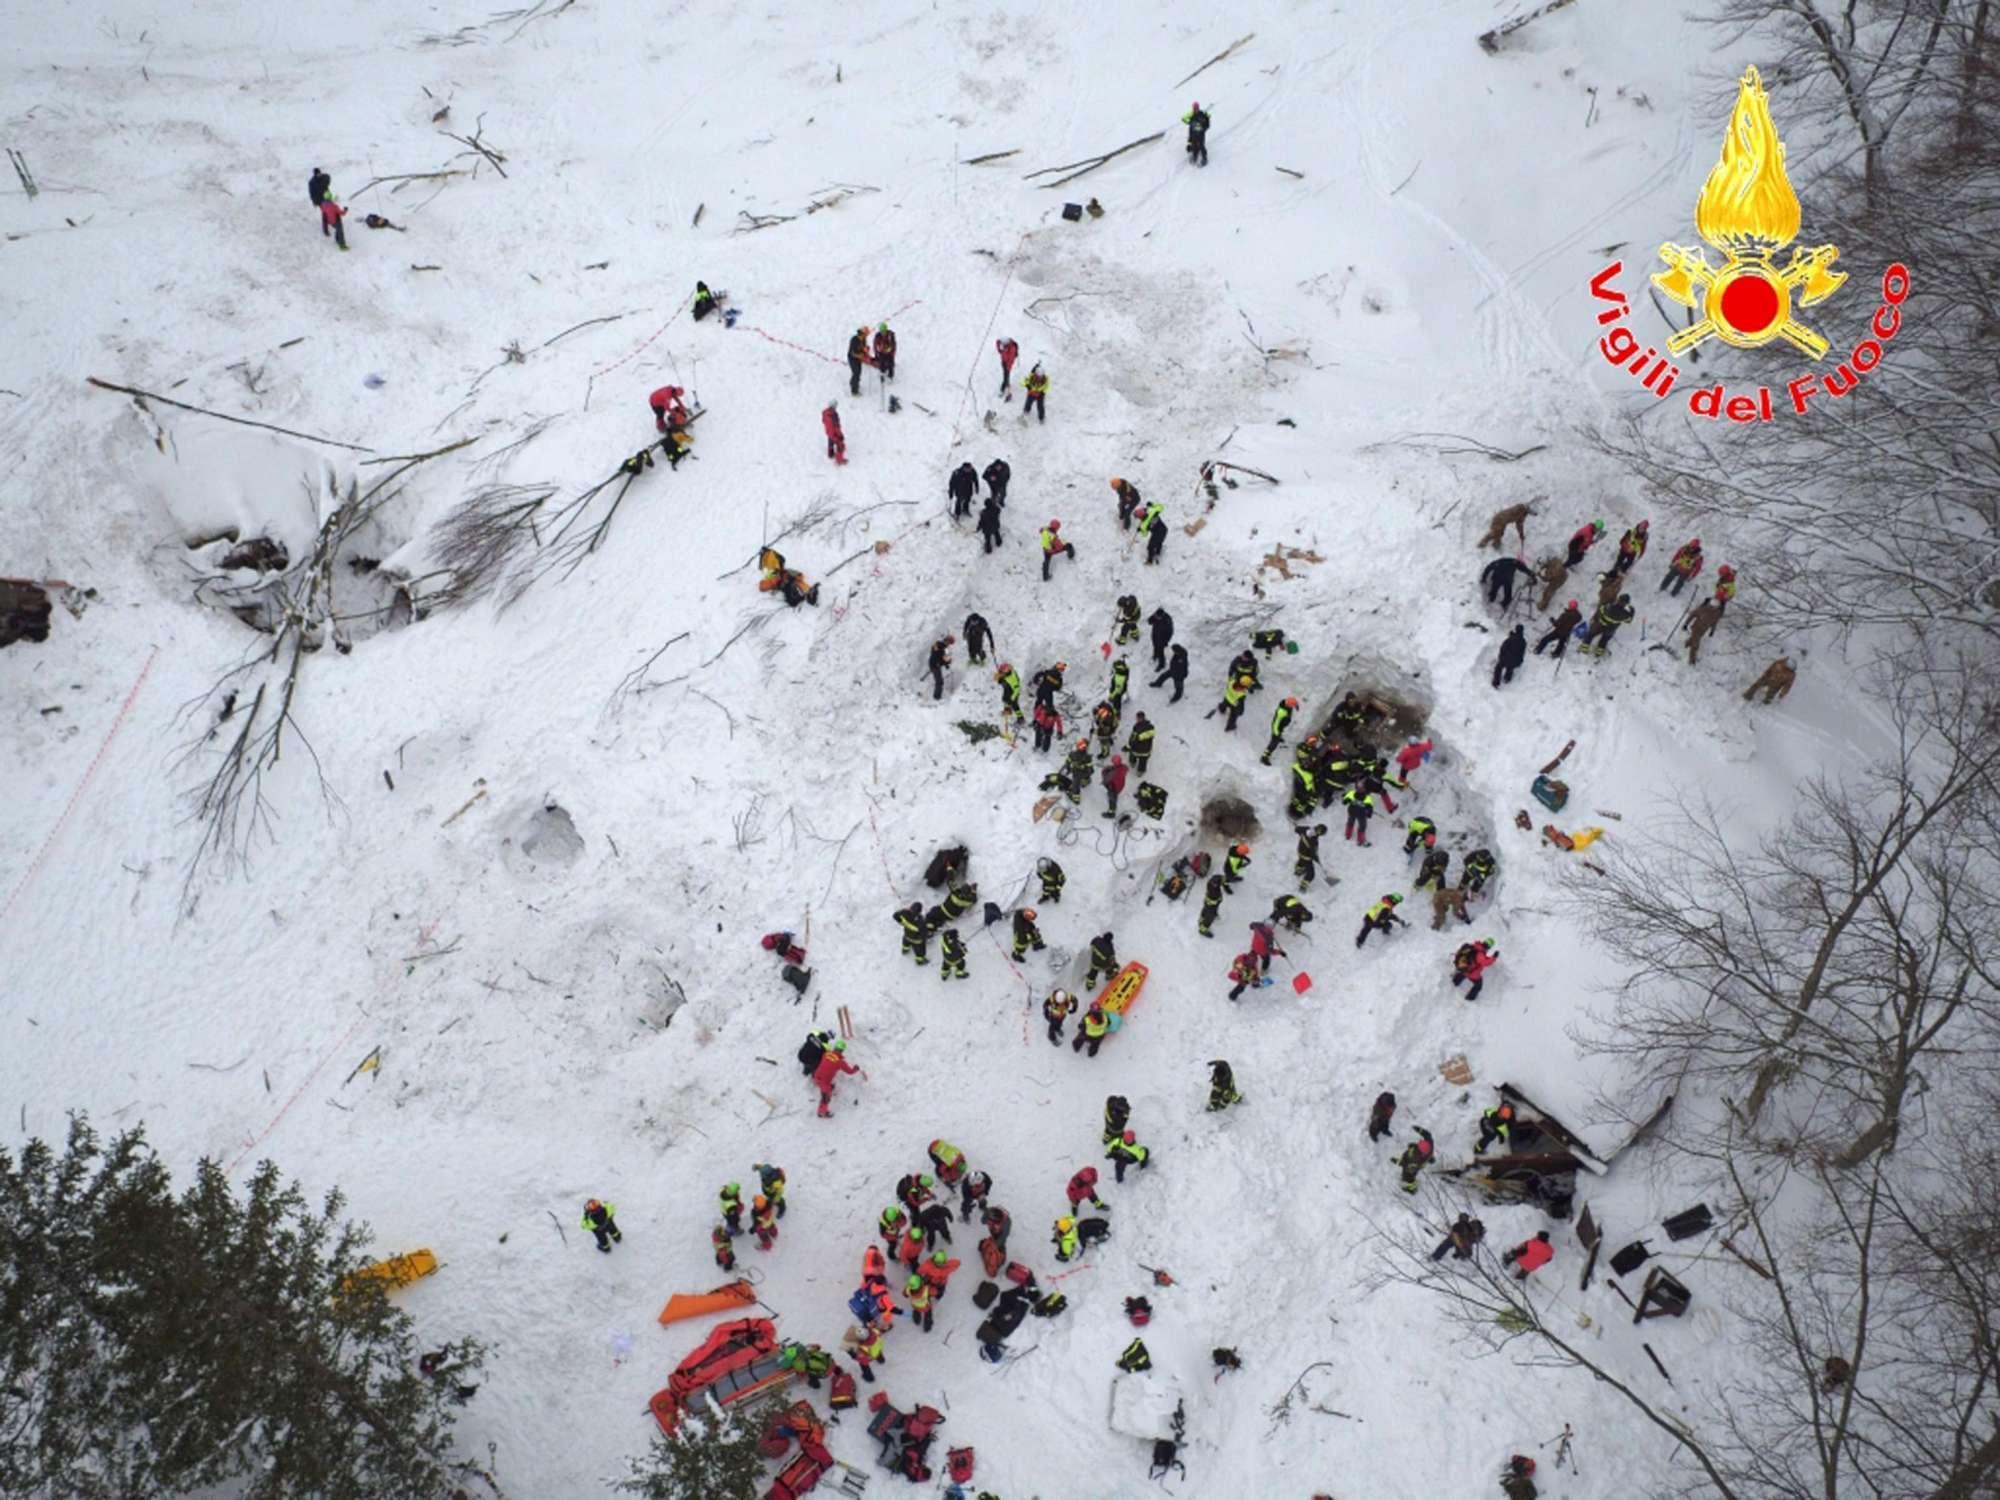 Hotel Rigopiano, le immagini dei soccorsi prese dall alto